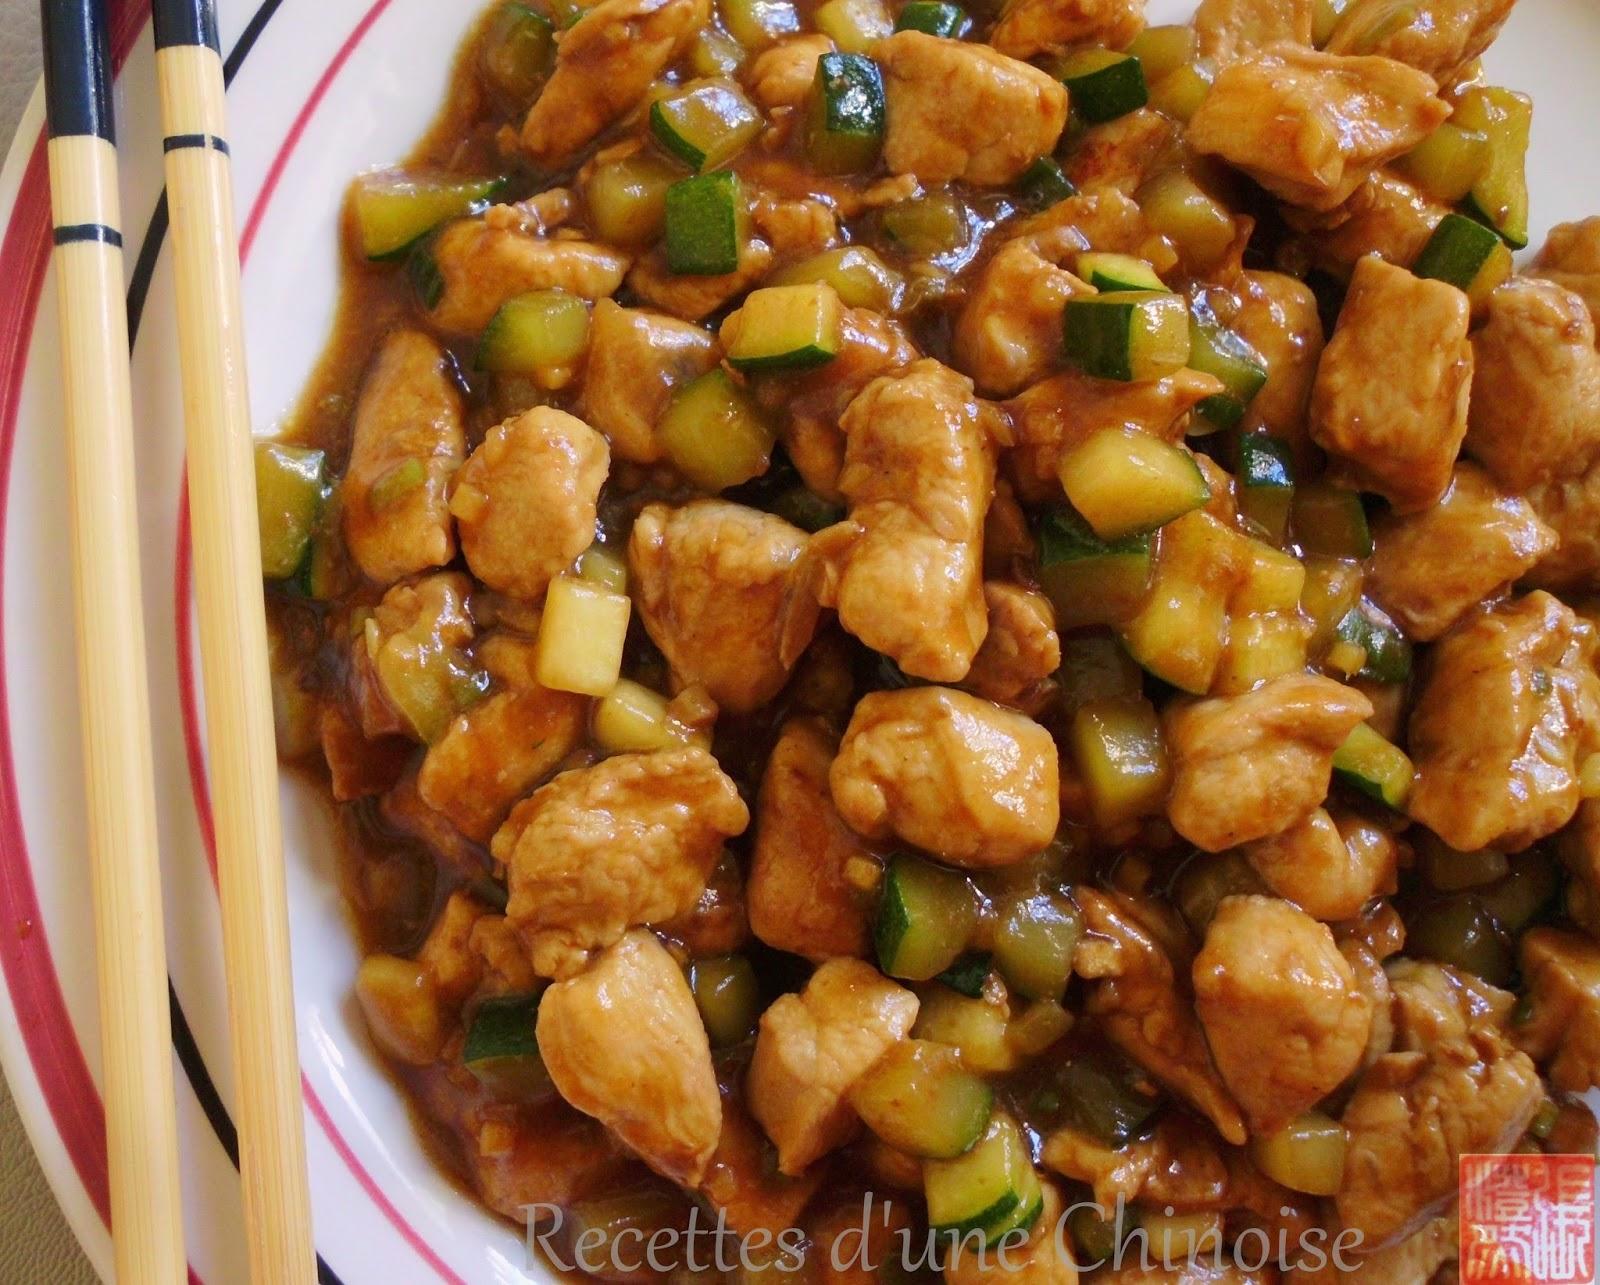 recettes d 39 une chinoise poulet saut la p te de soja ferment e huang jiang doenjang. Black Bedroom Furniture Sets. Home Design Ideas